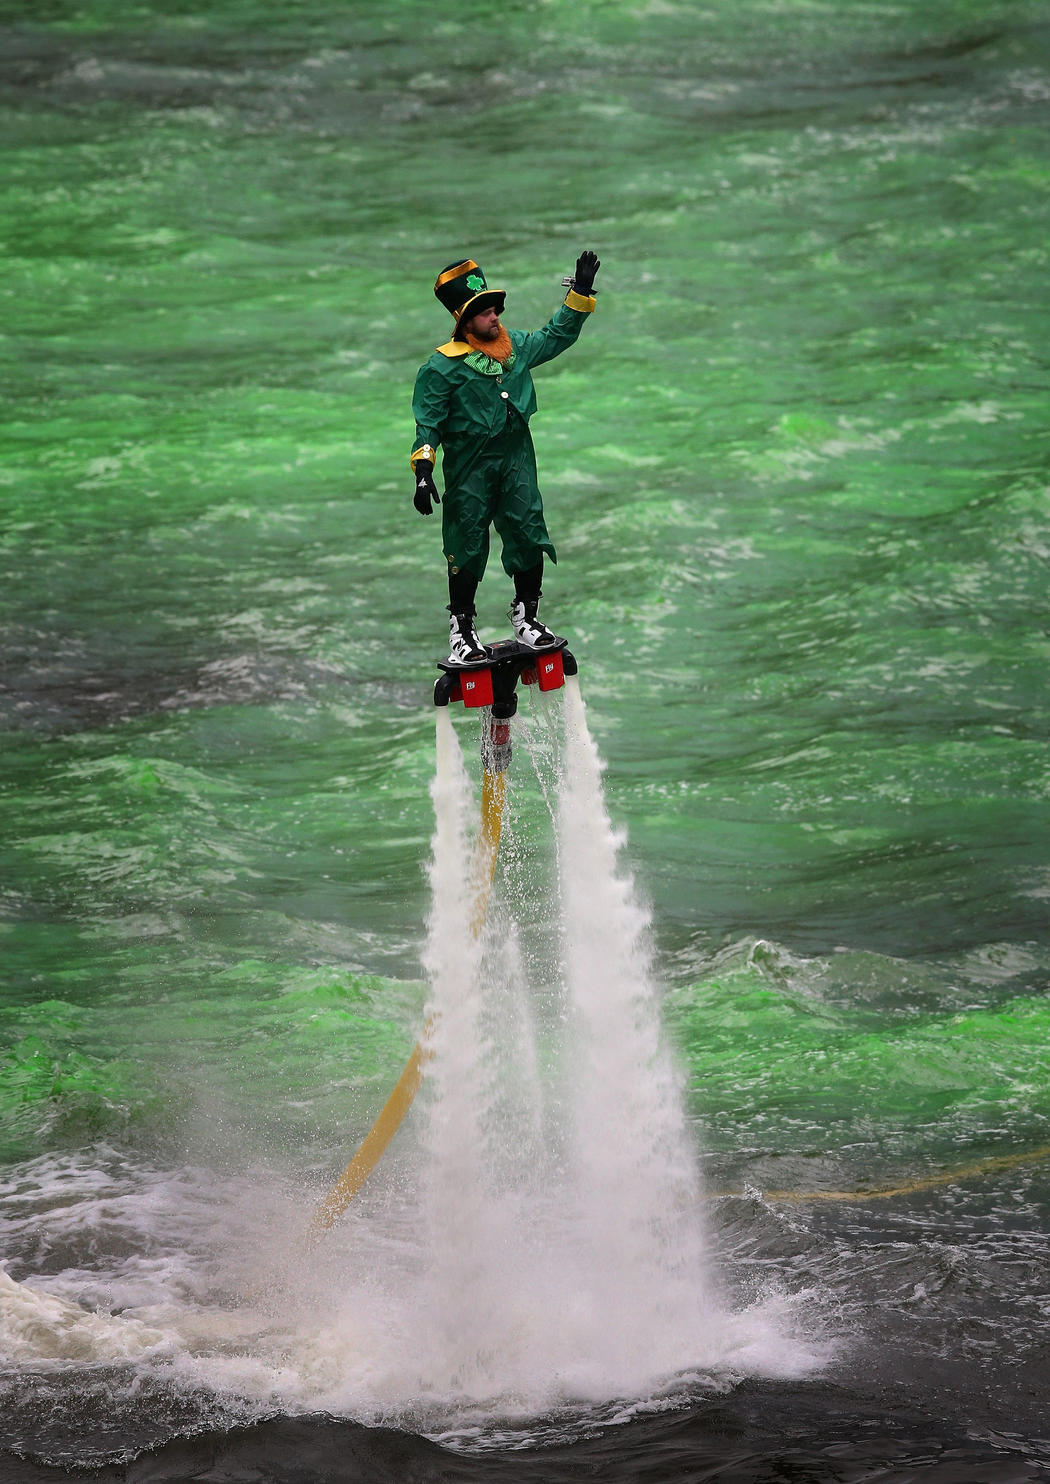 Un leprechaun practica flyboard en el río Chicago (Chicago)